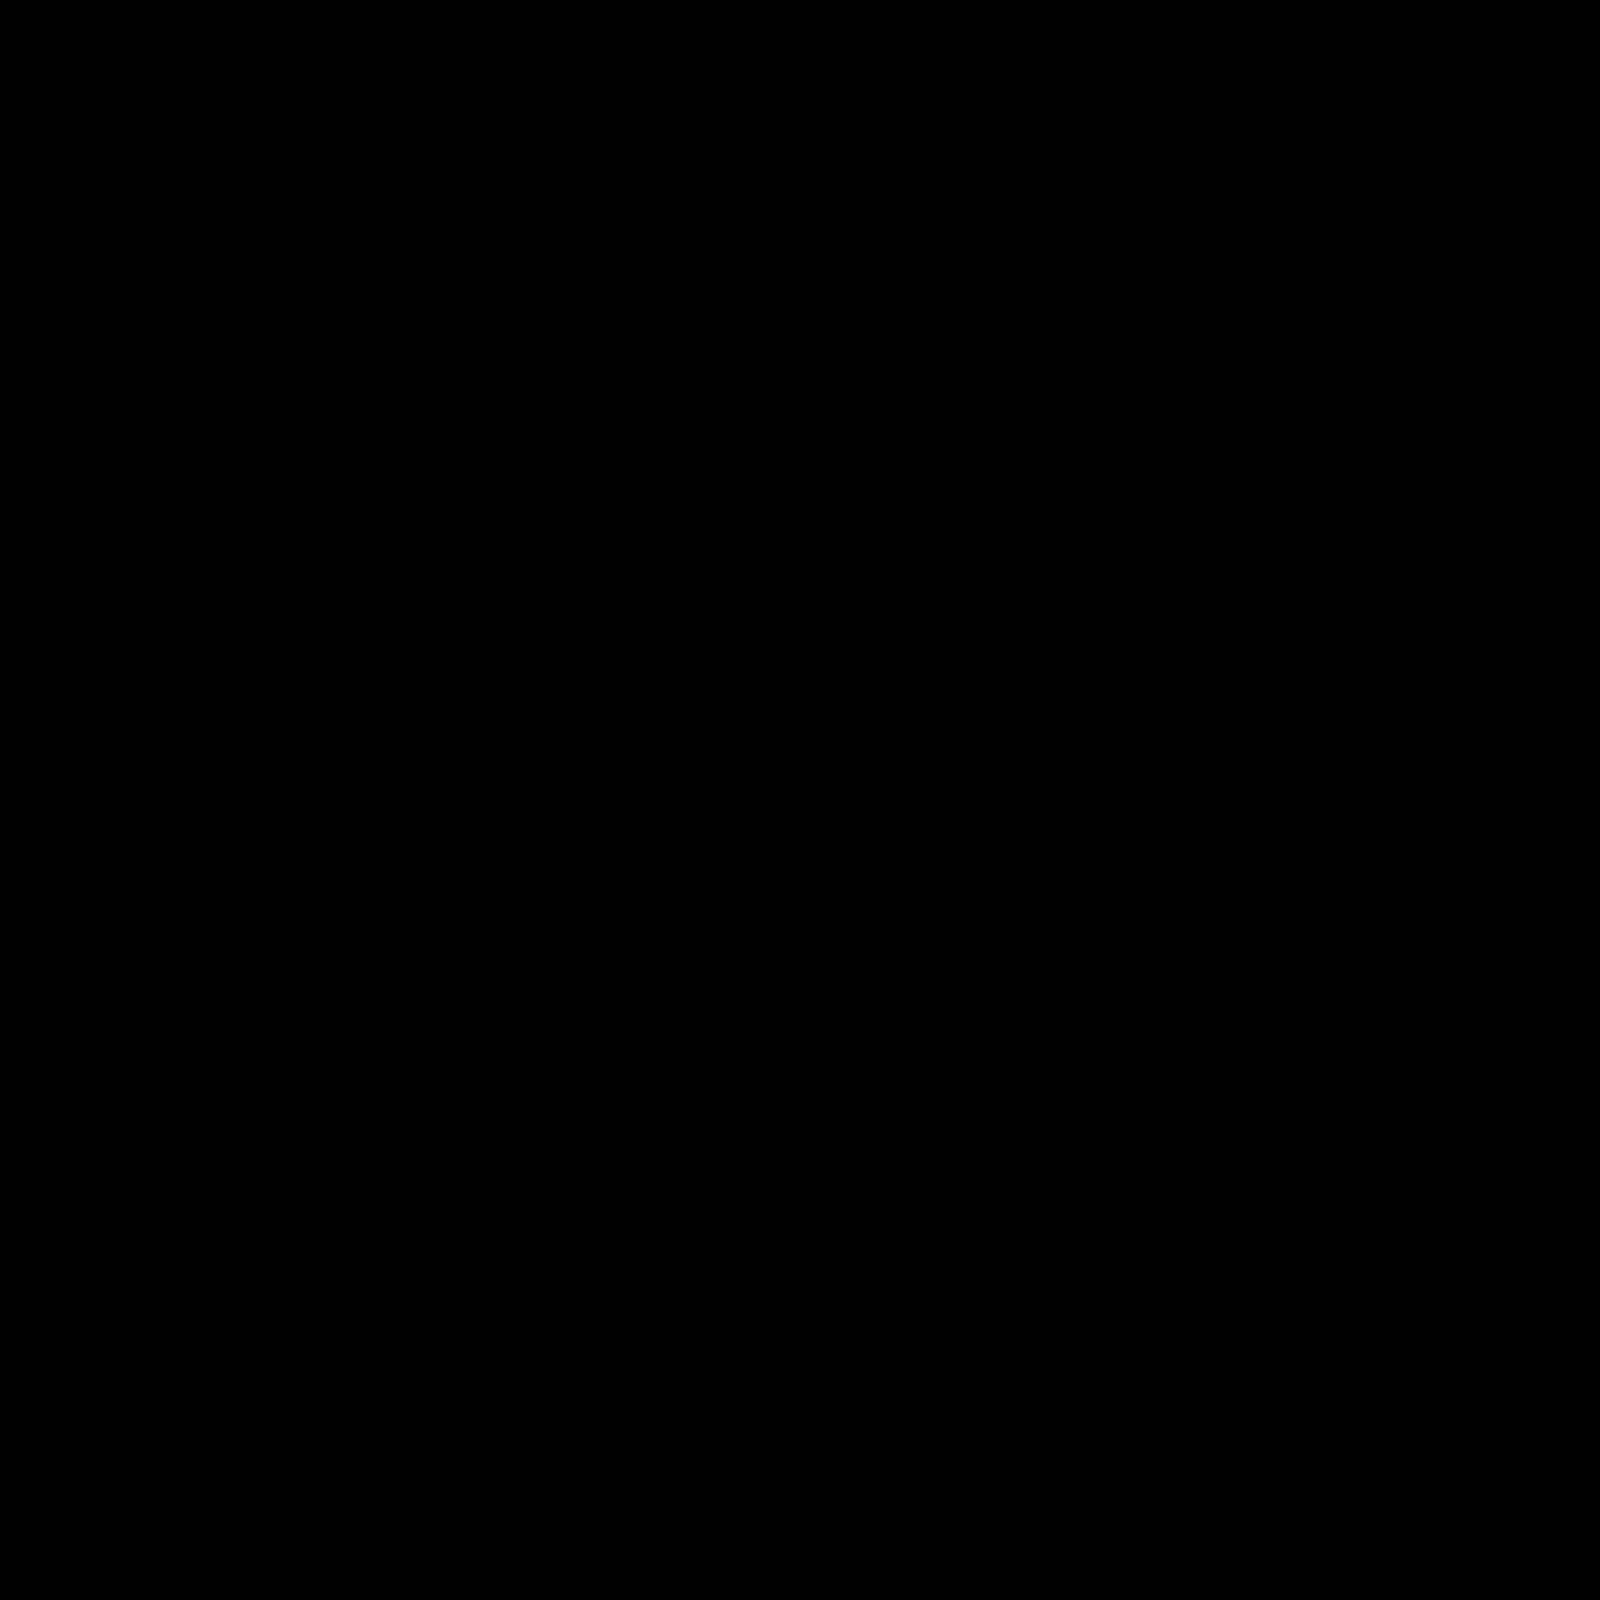 Иконка Delicious - скачать бесплатно в PNG и векторе 846f6e73d97